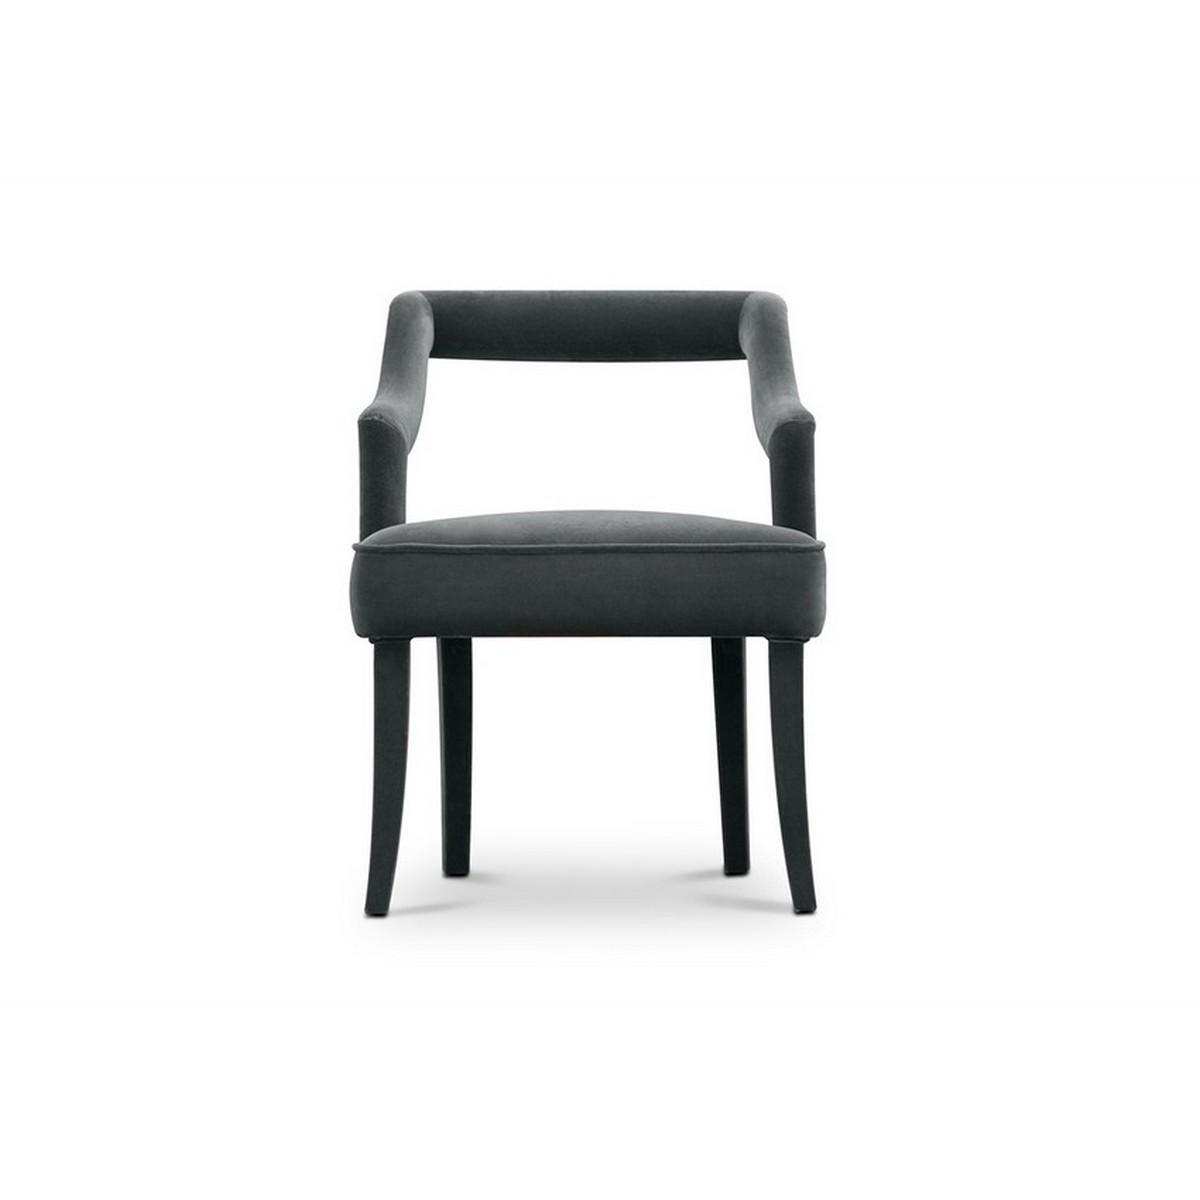 diseño de interiores Diseño de Interiores: Composición, fidelidad y resiliencia en tonos Gris BRABBU oka dinning chair 1 1200x1200